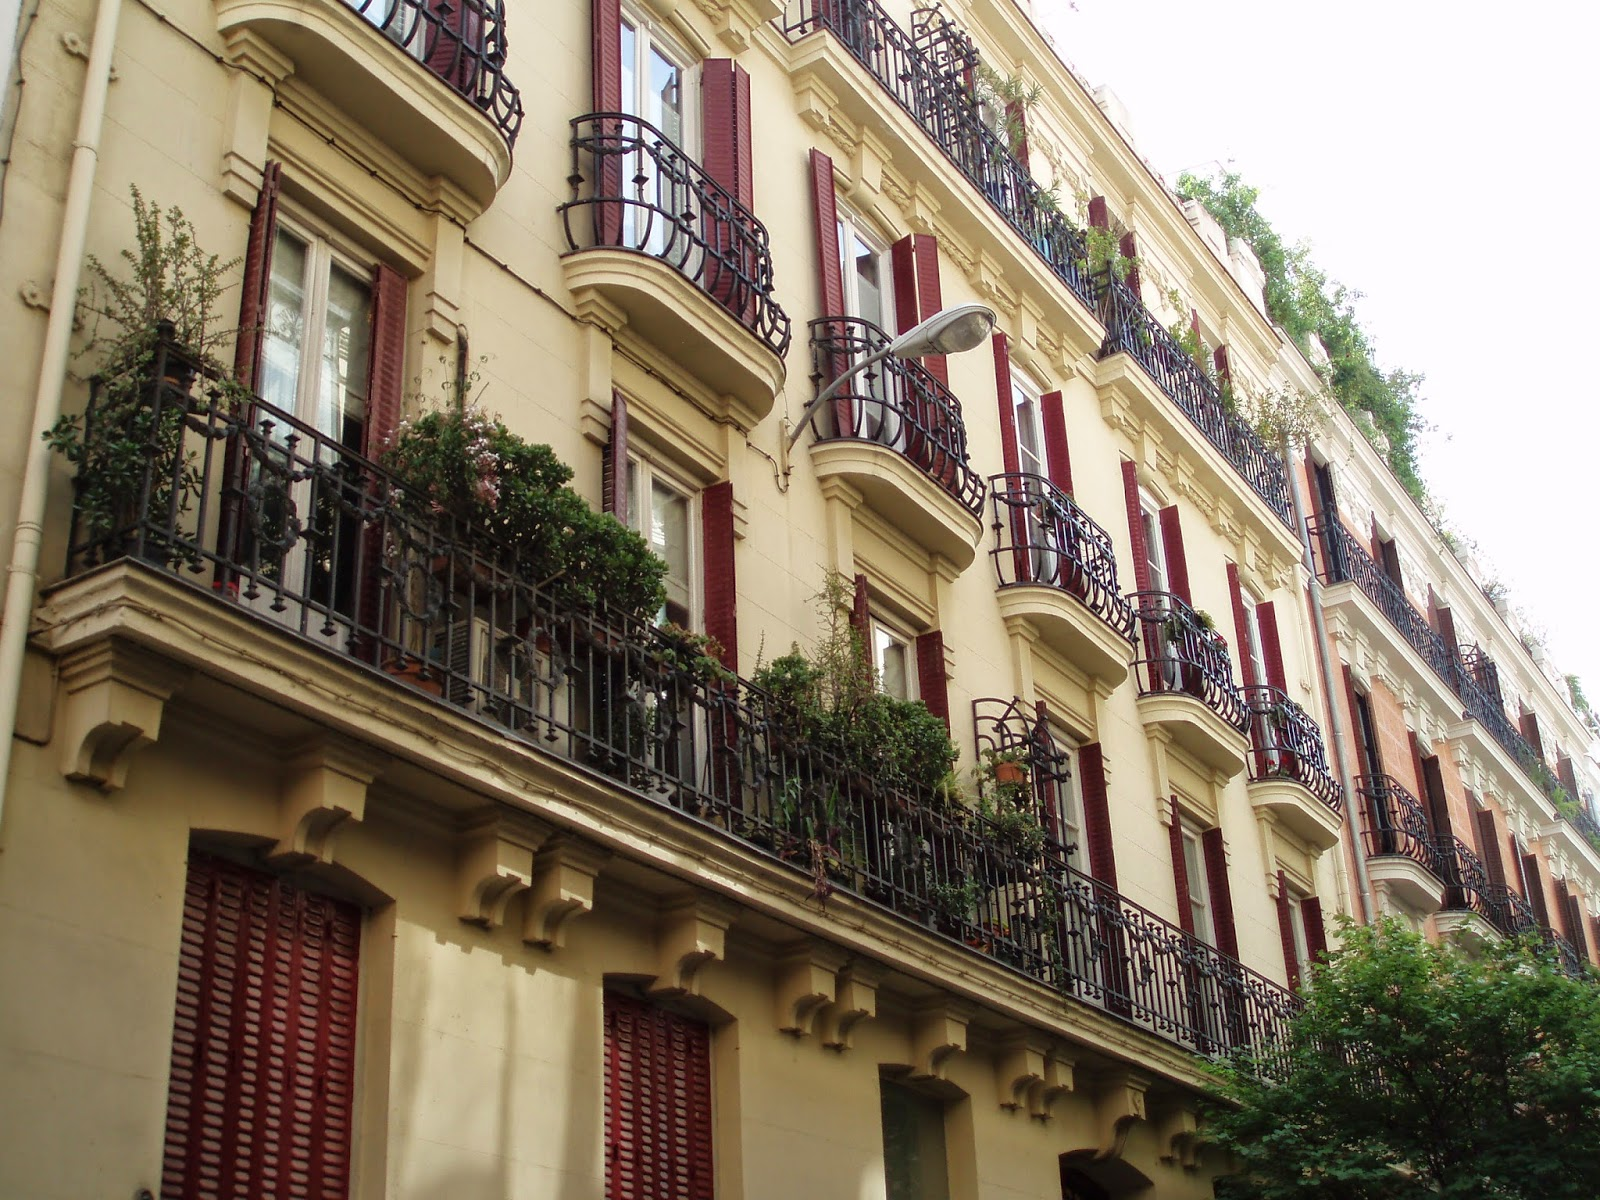 Il mercato immobiliare di madrid spagna - Immobiliare spagna ...